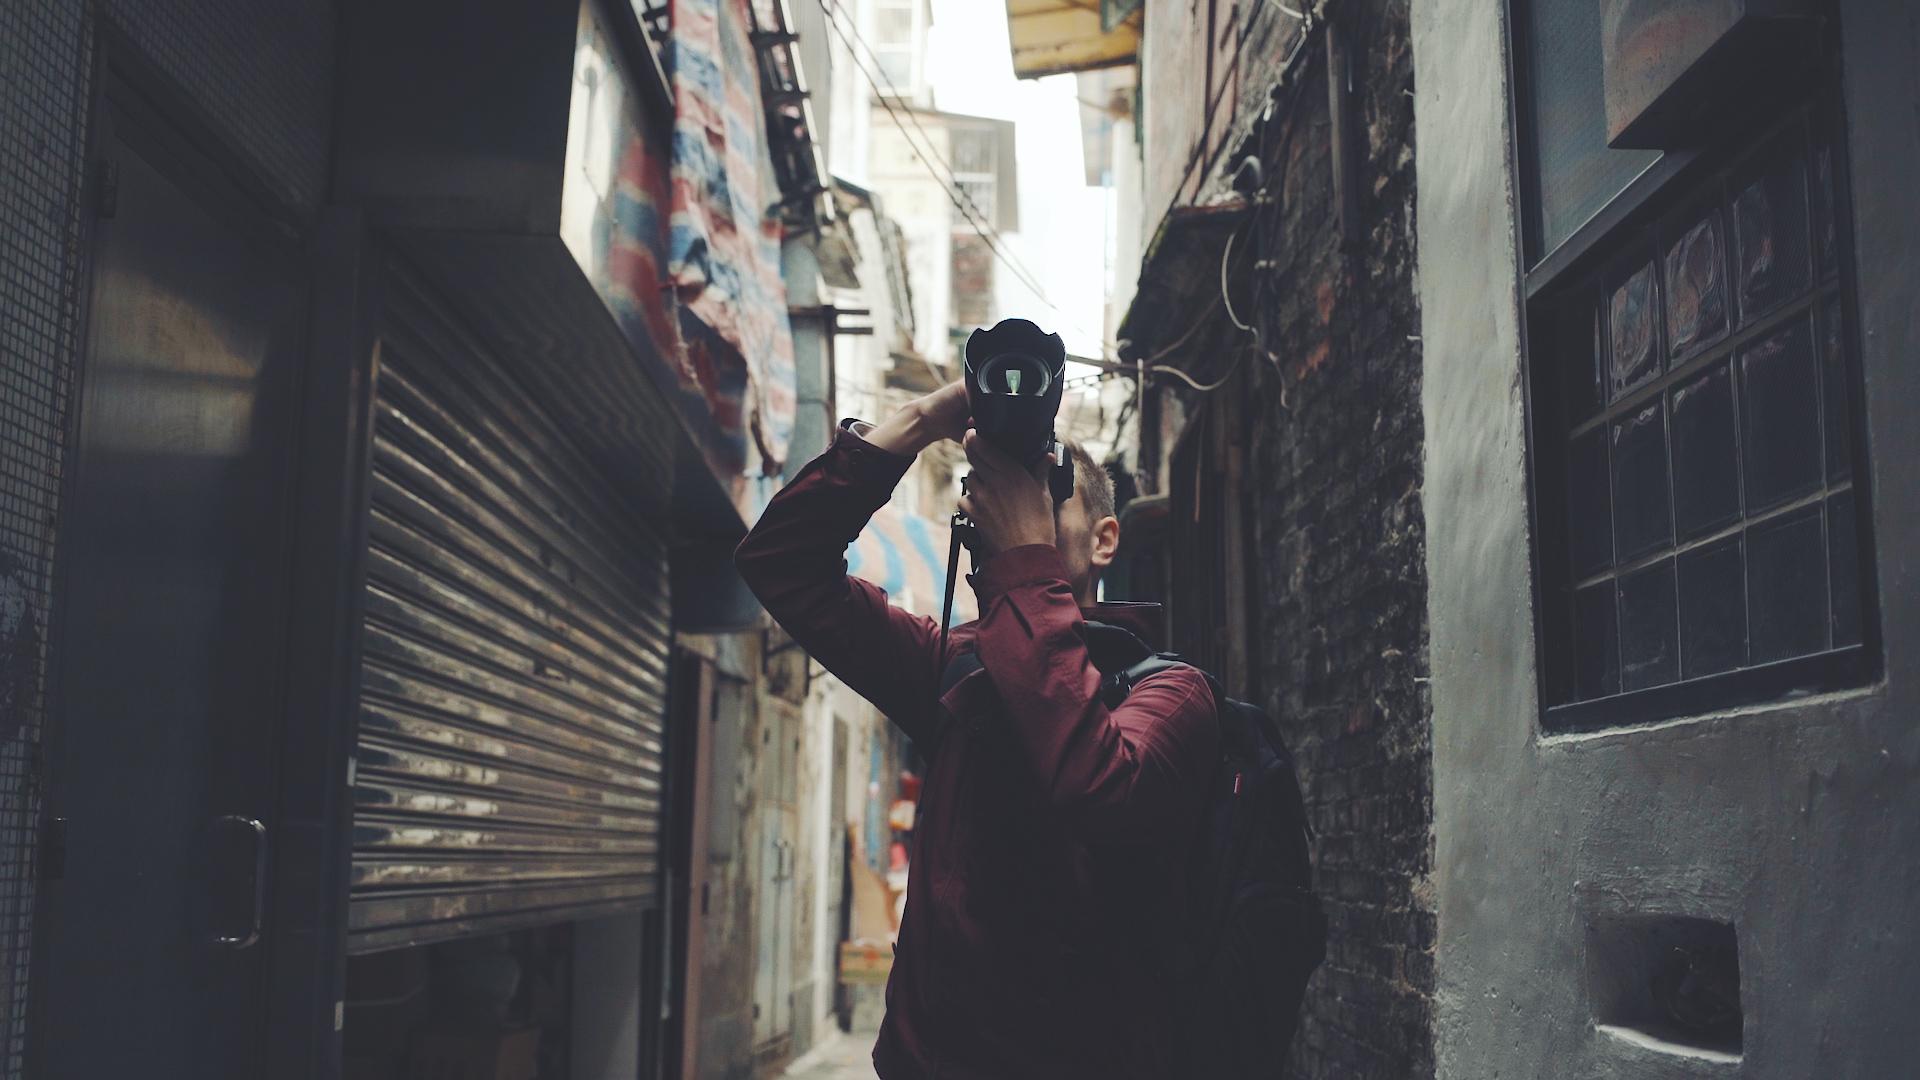 Joe taking photos in an alleyway in Macau